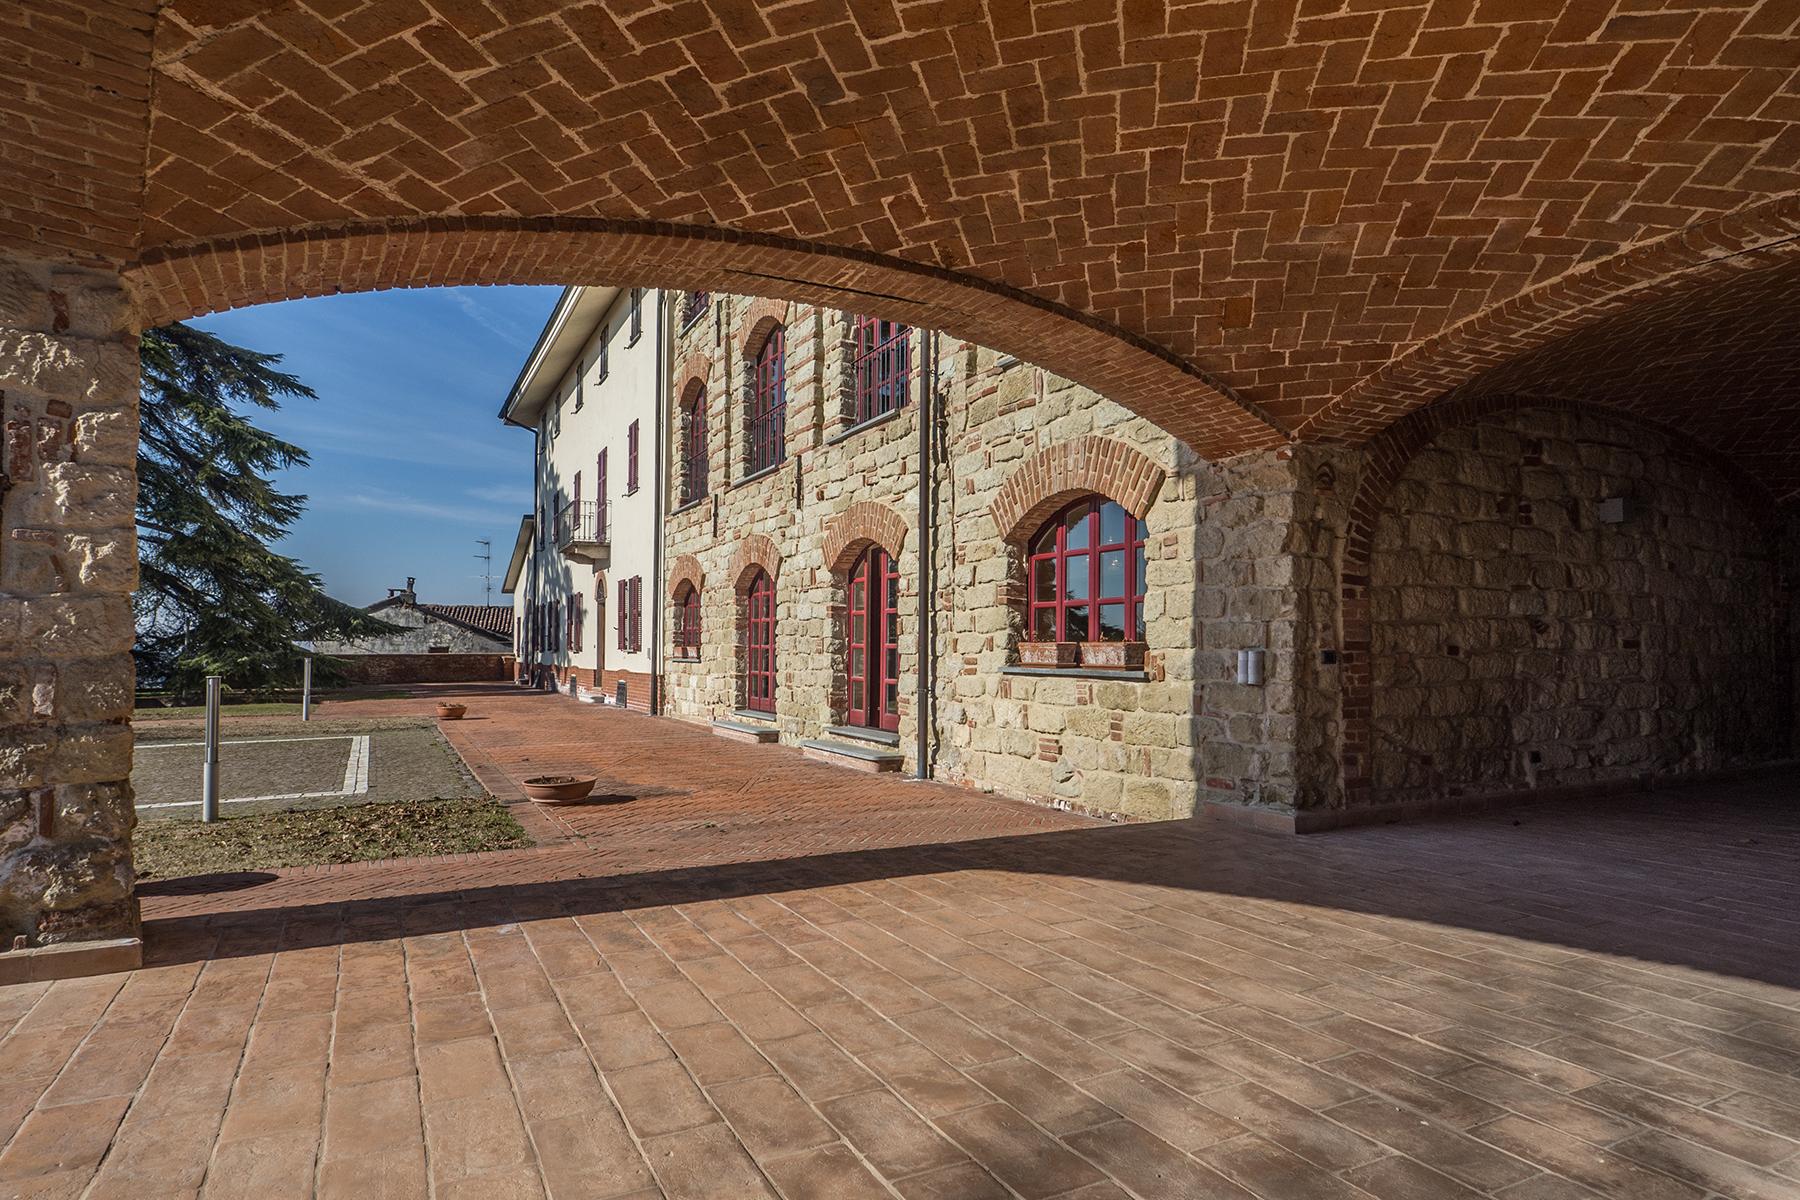 Rustico in Vendita a Vignale Monferrato: 5 locali, 1400 mq - Foto 27